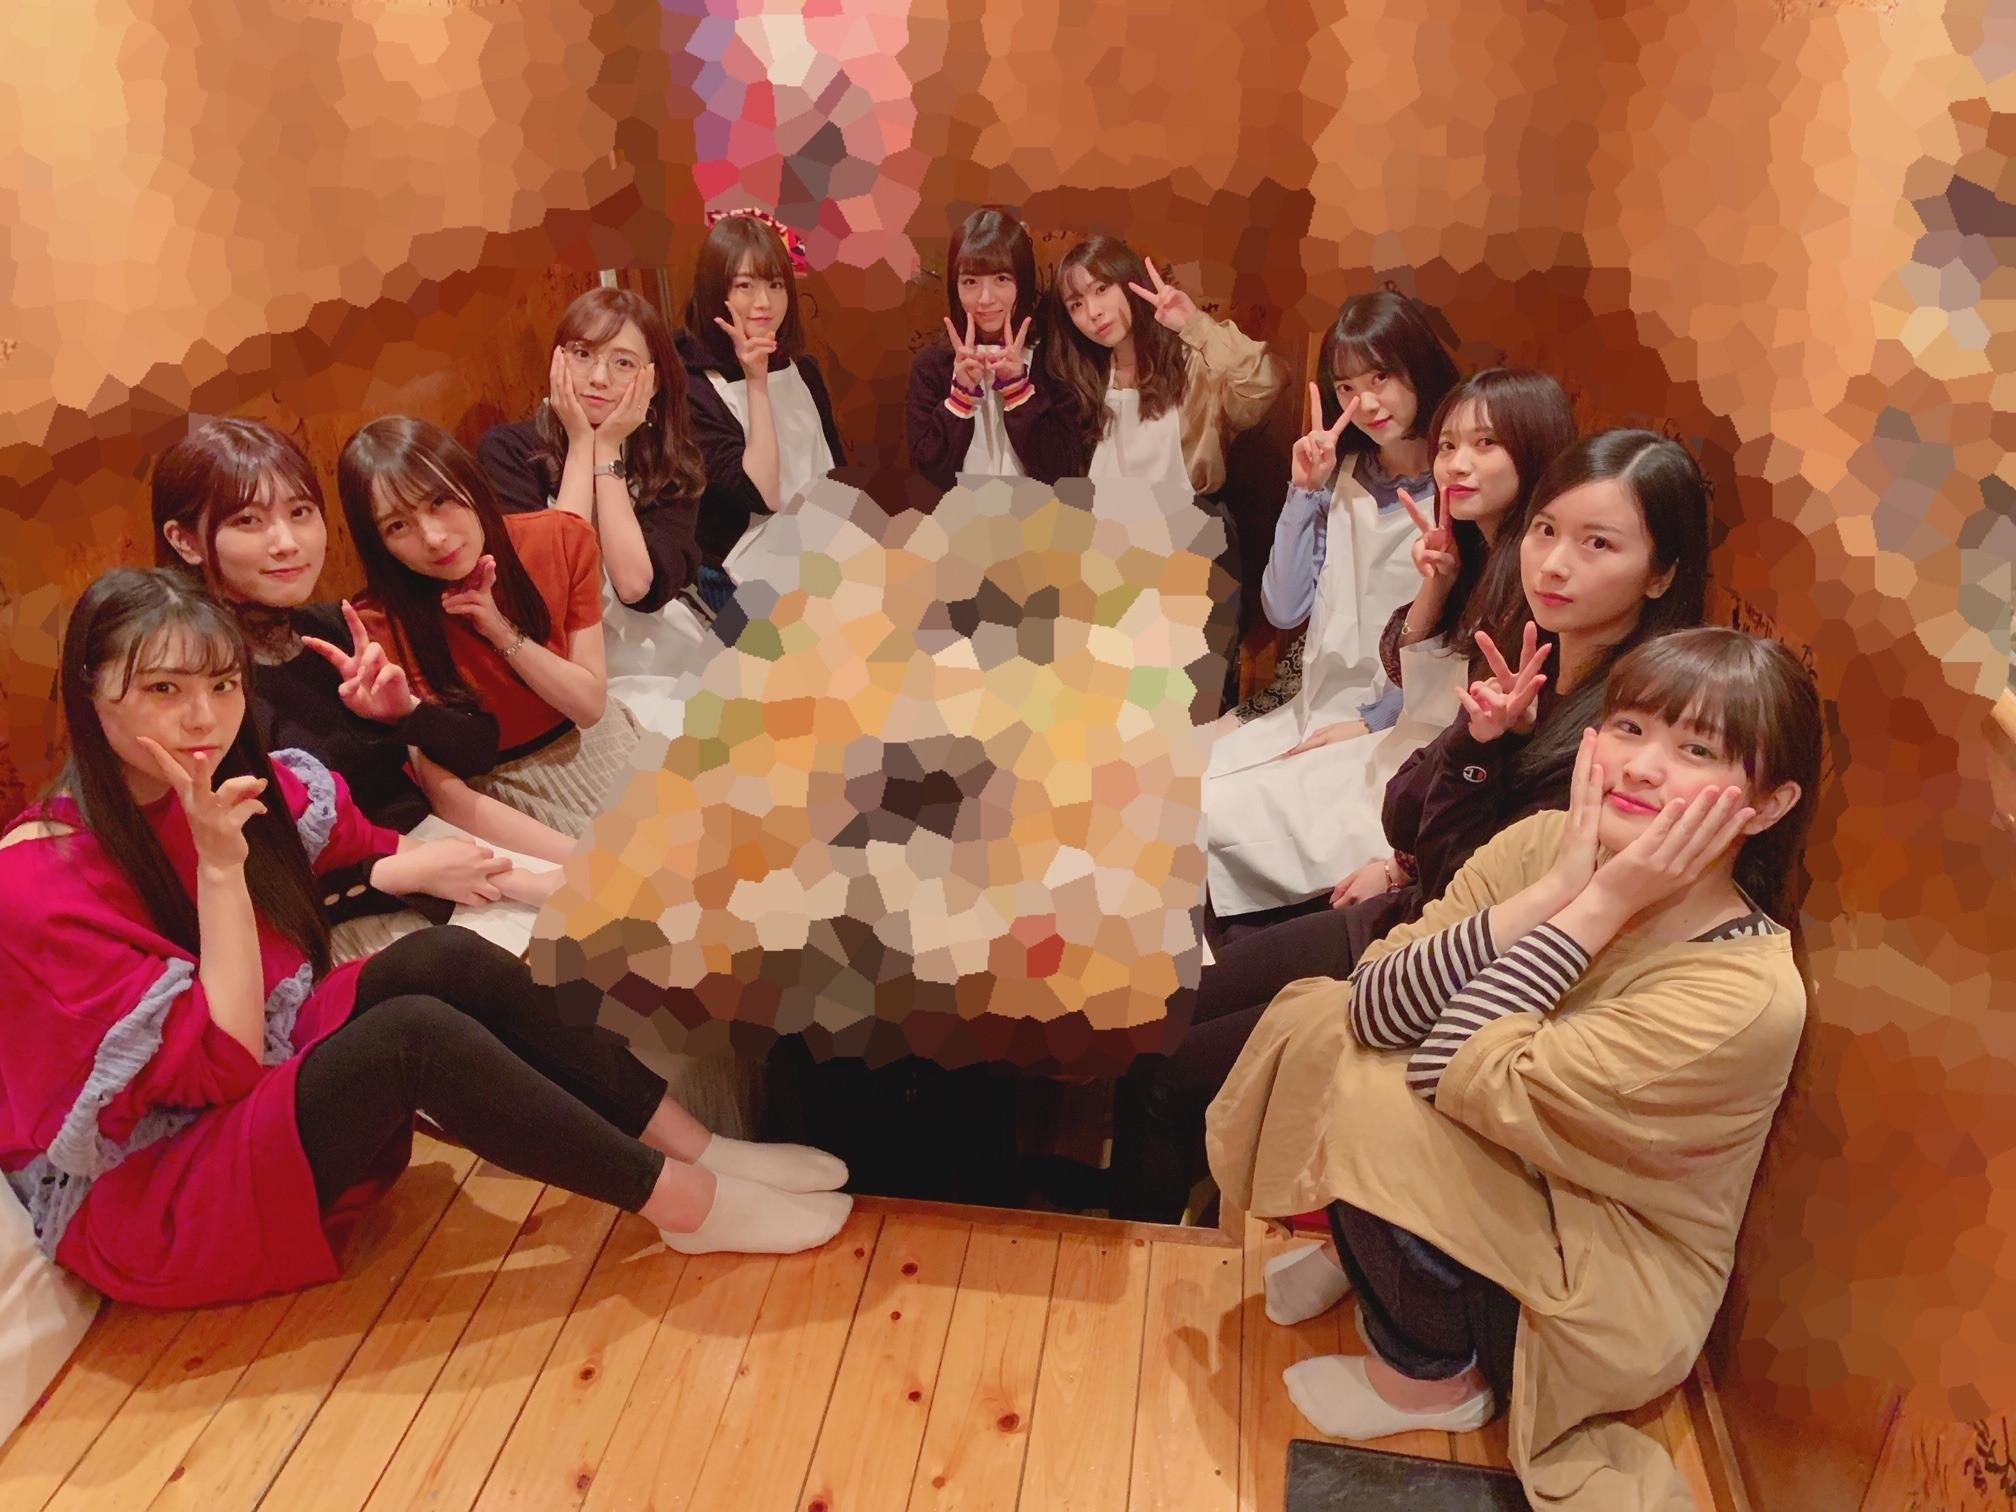 乃木坂46 二期生会 6周年